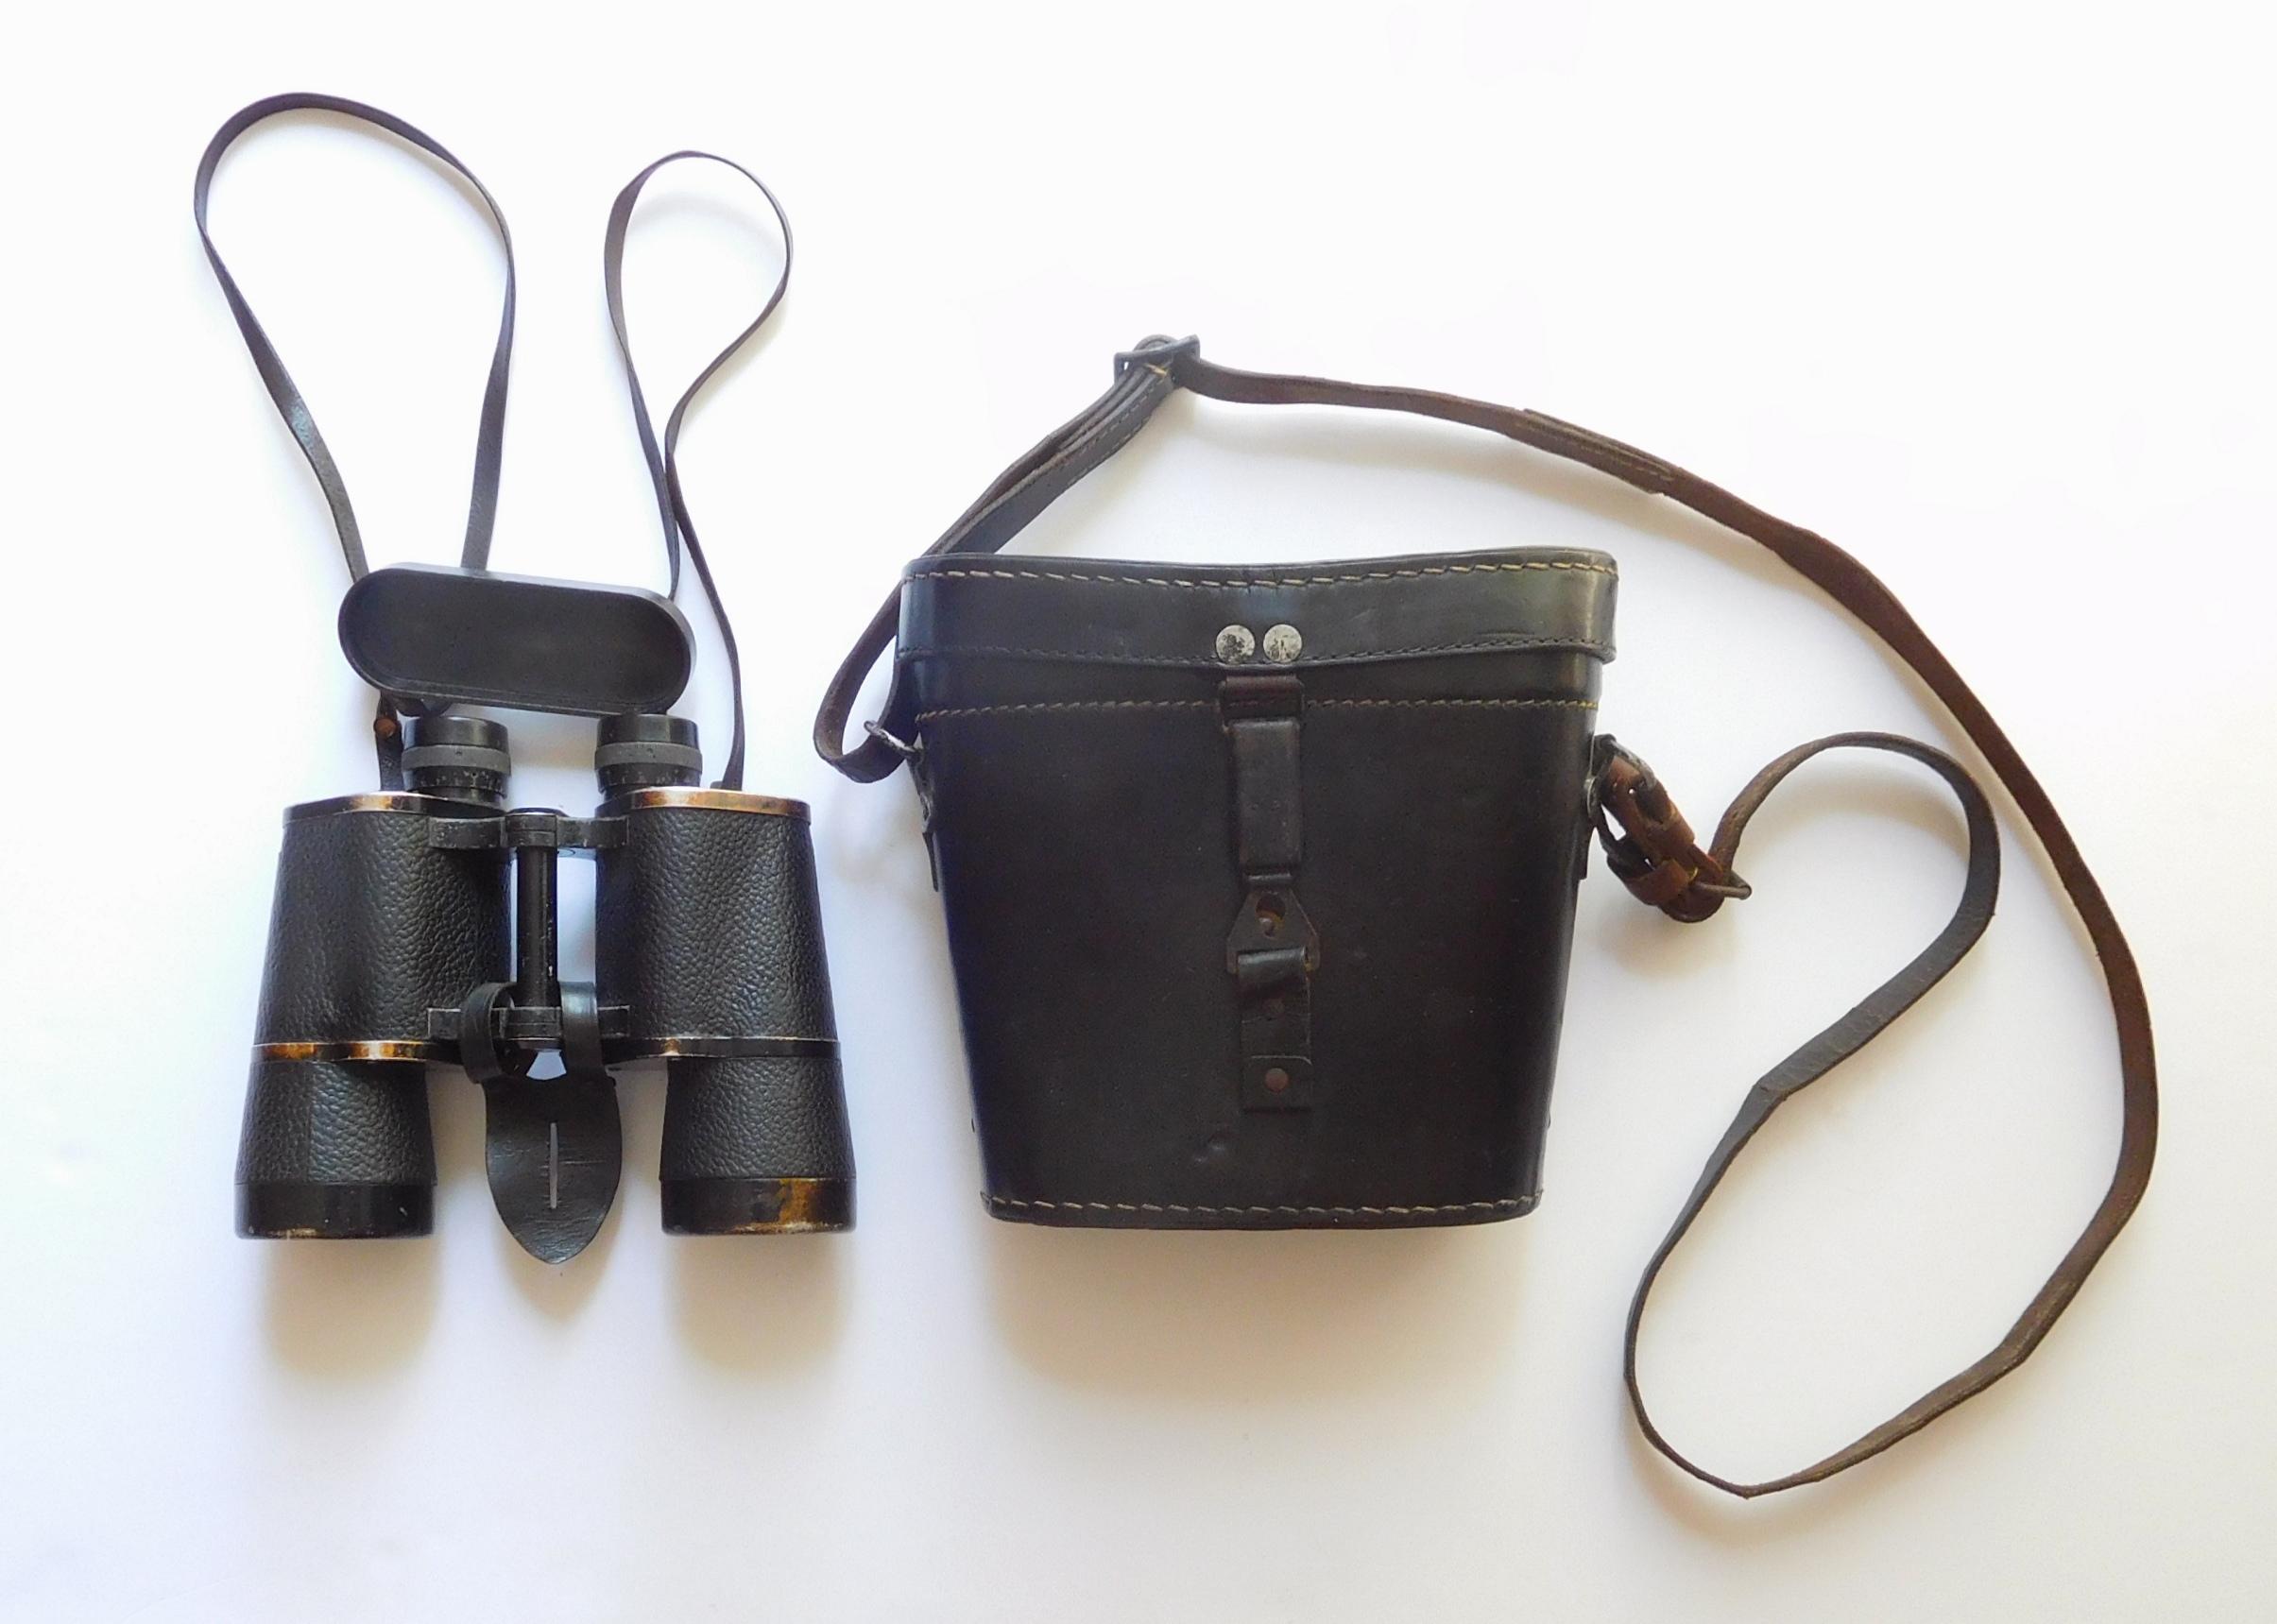 WW2 German Military Dienstglas, Service Binoculars, 10×50 By Ernst Leizt, With it' Original Black Case, In fine condition.